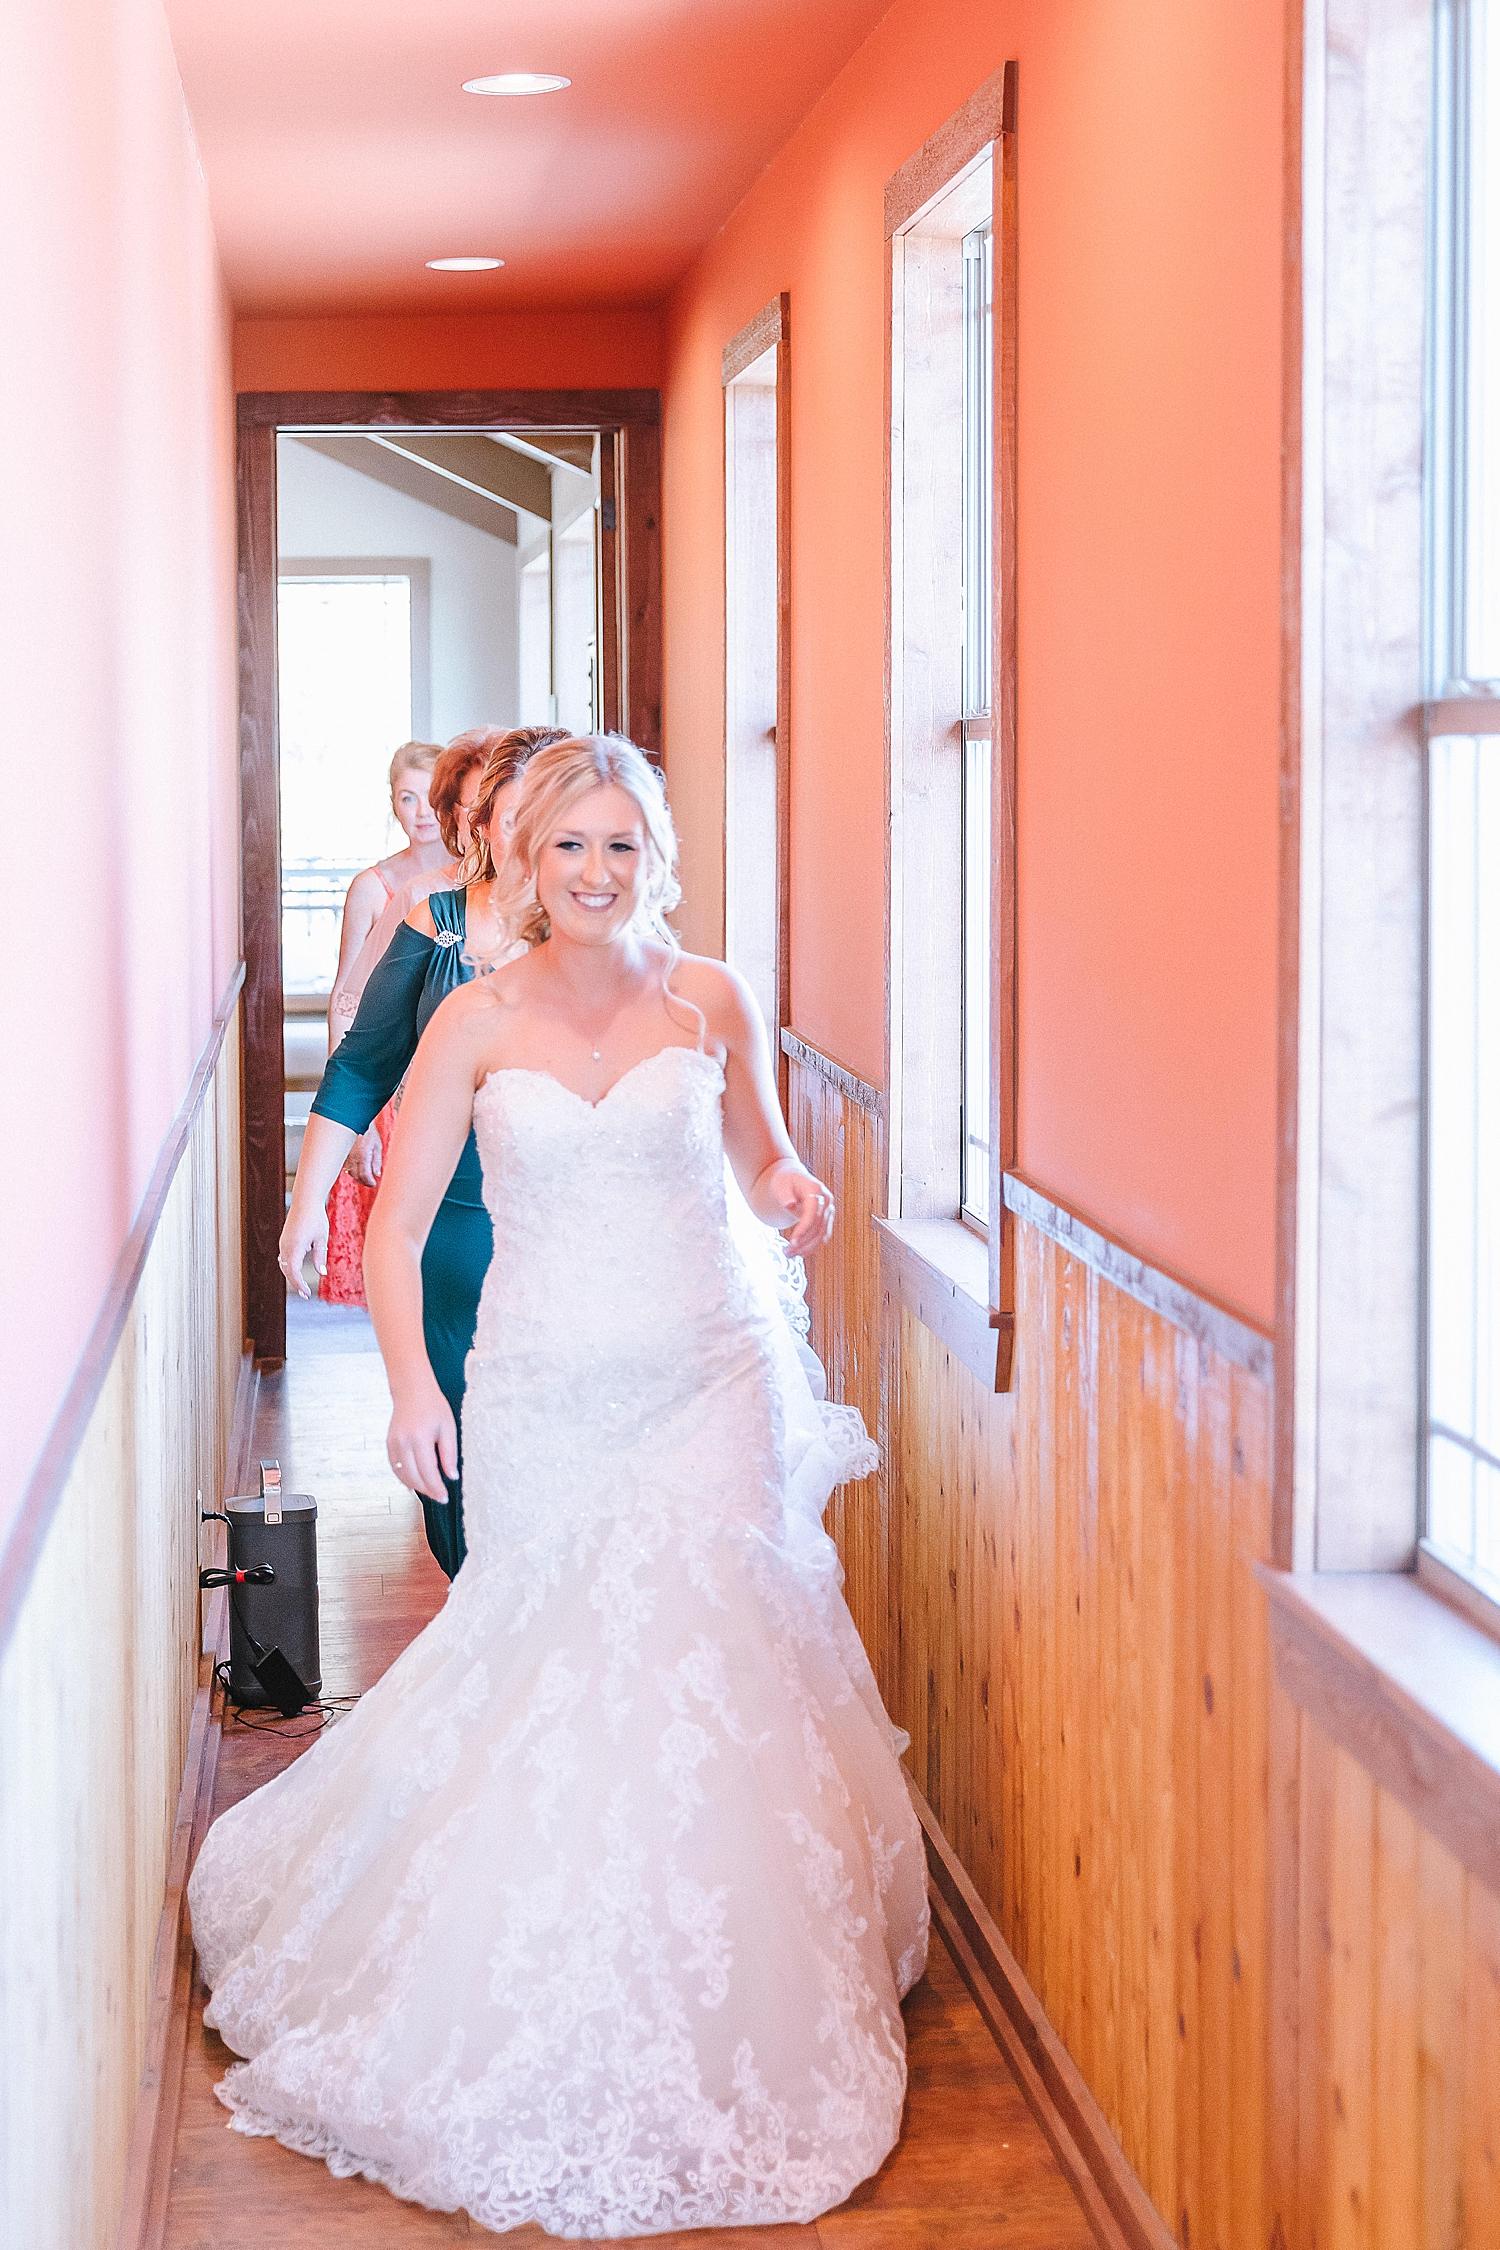 Rackler-Ranch-LaVernia-Texas-Wedding-Carly-Barton-Photography_0023.jpg